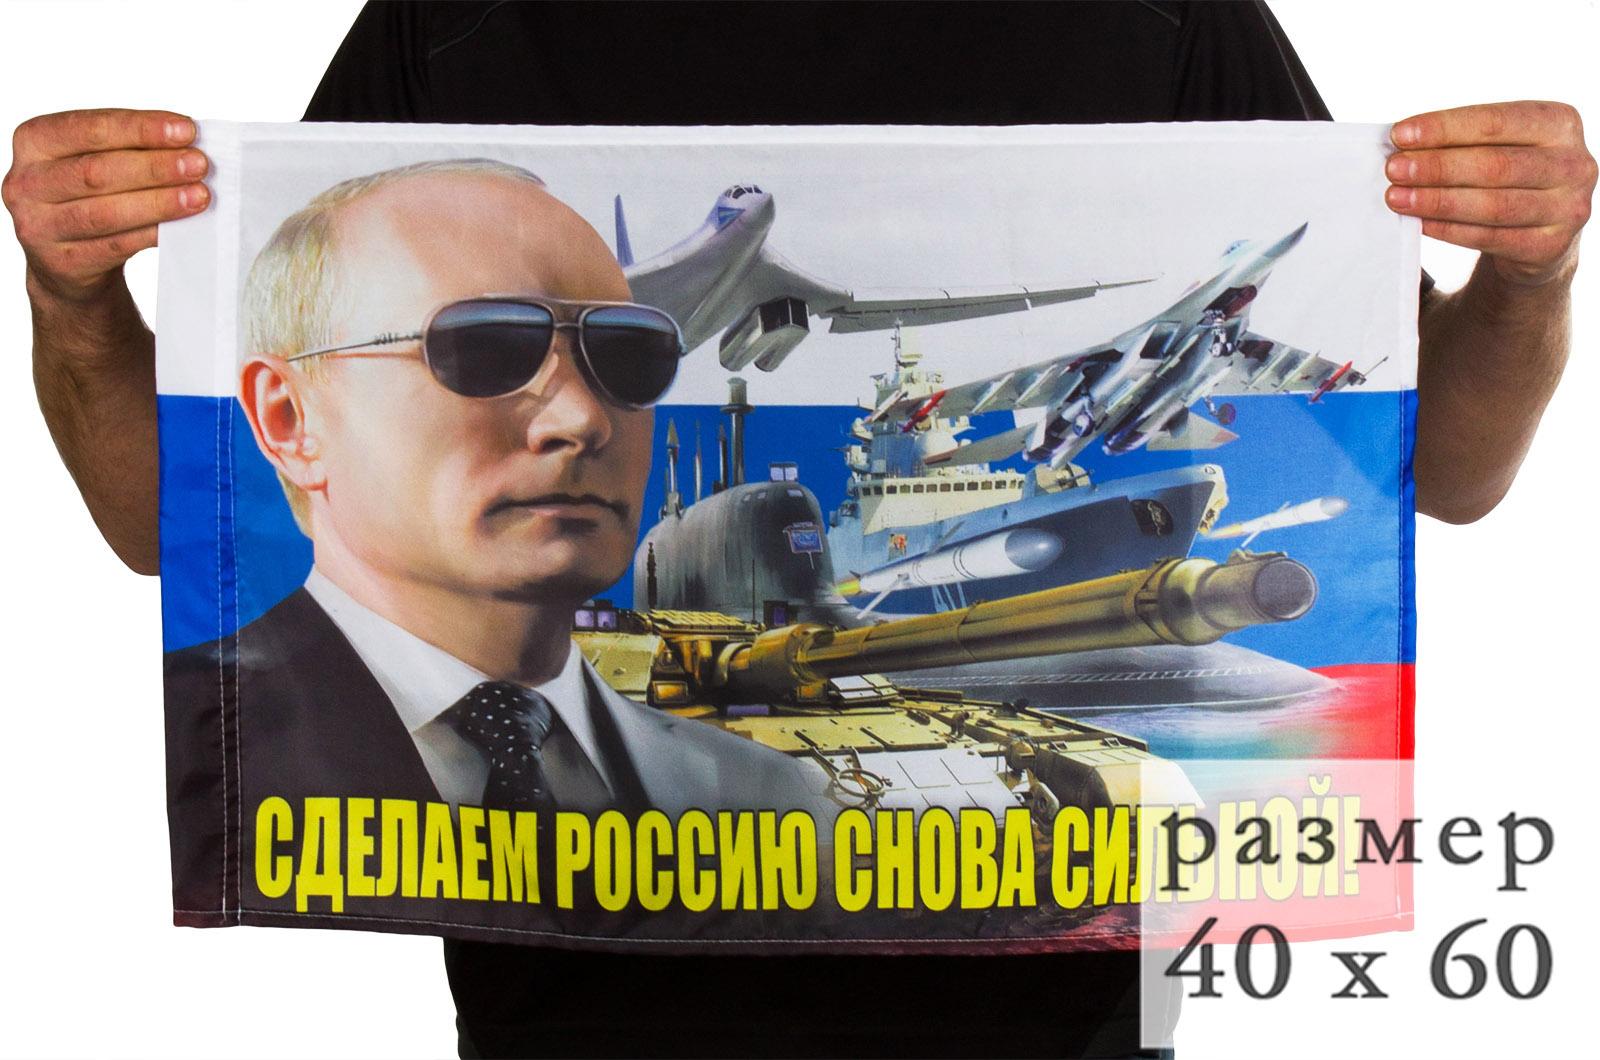 Флаг с Путиным